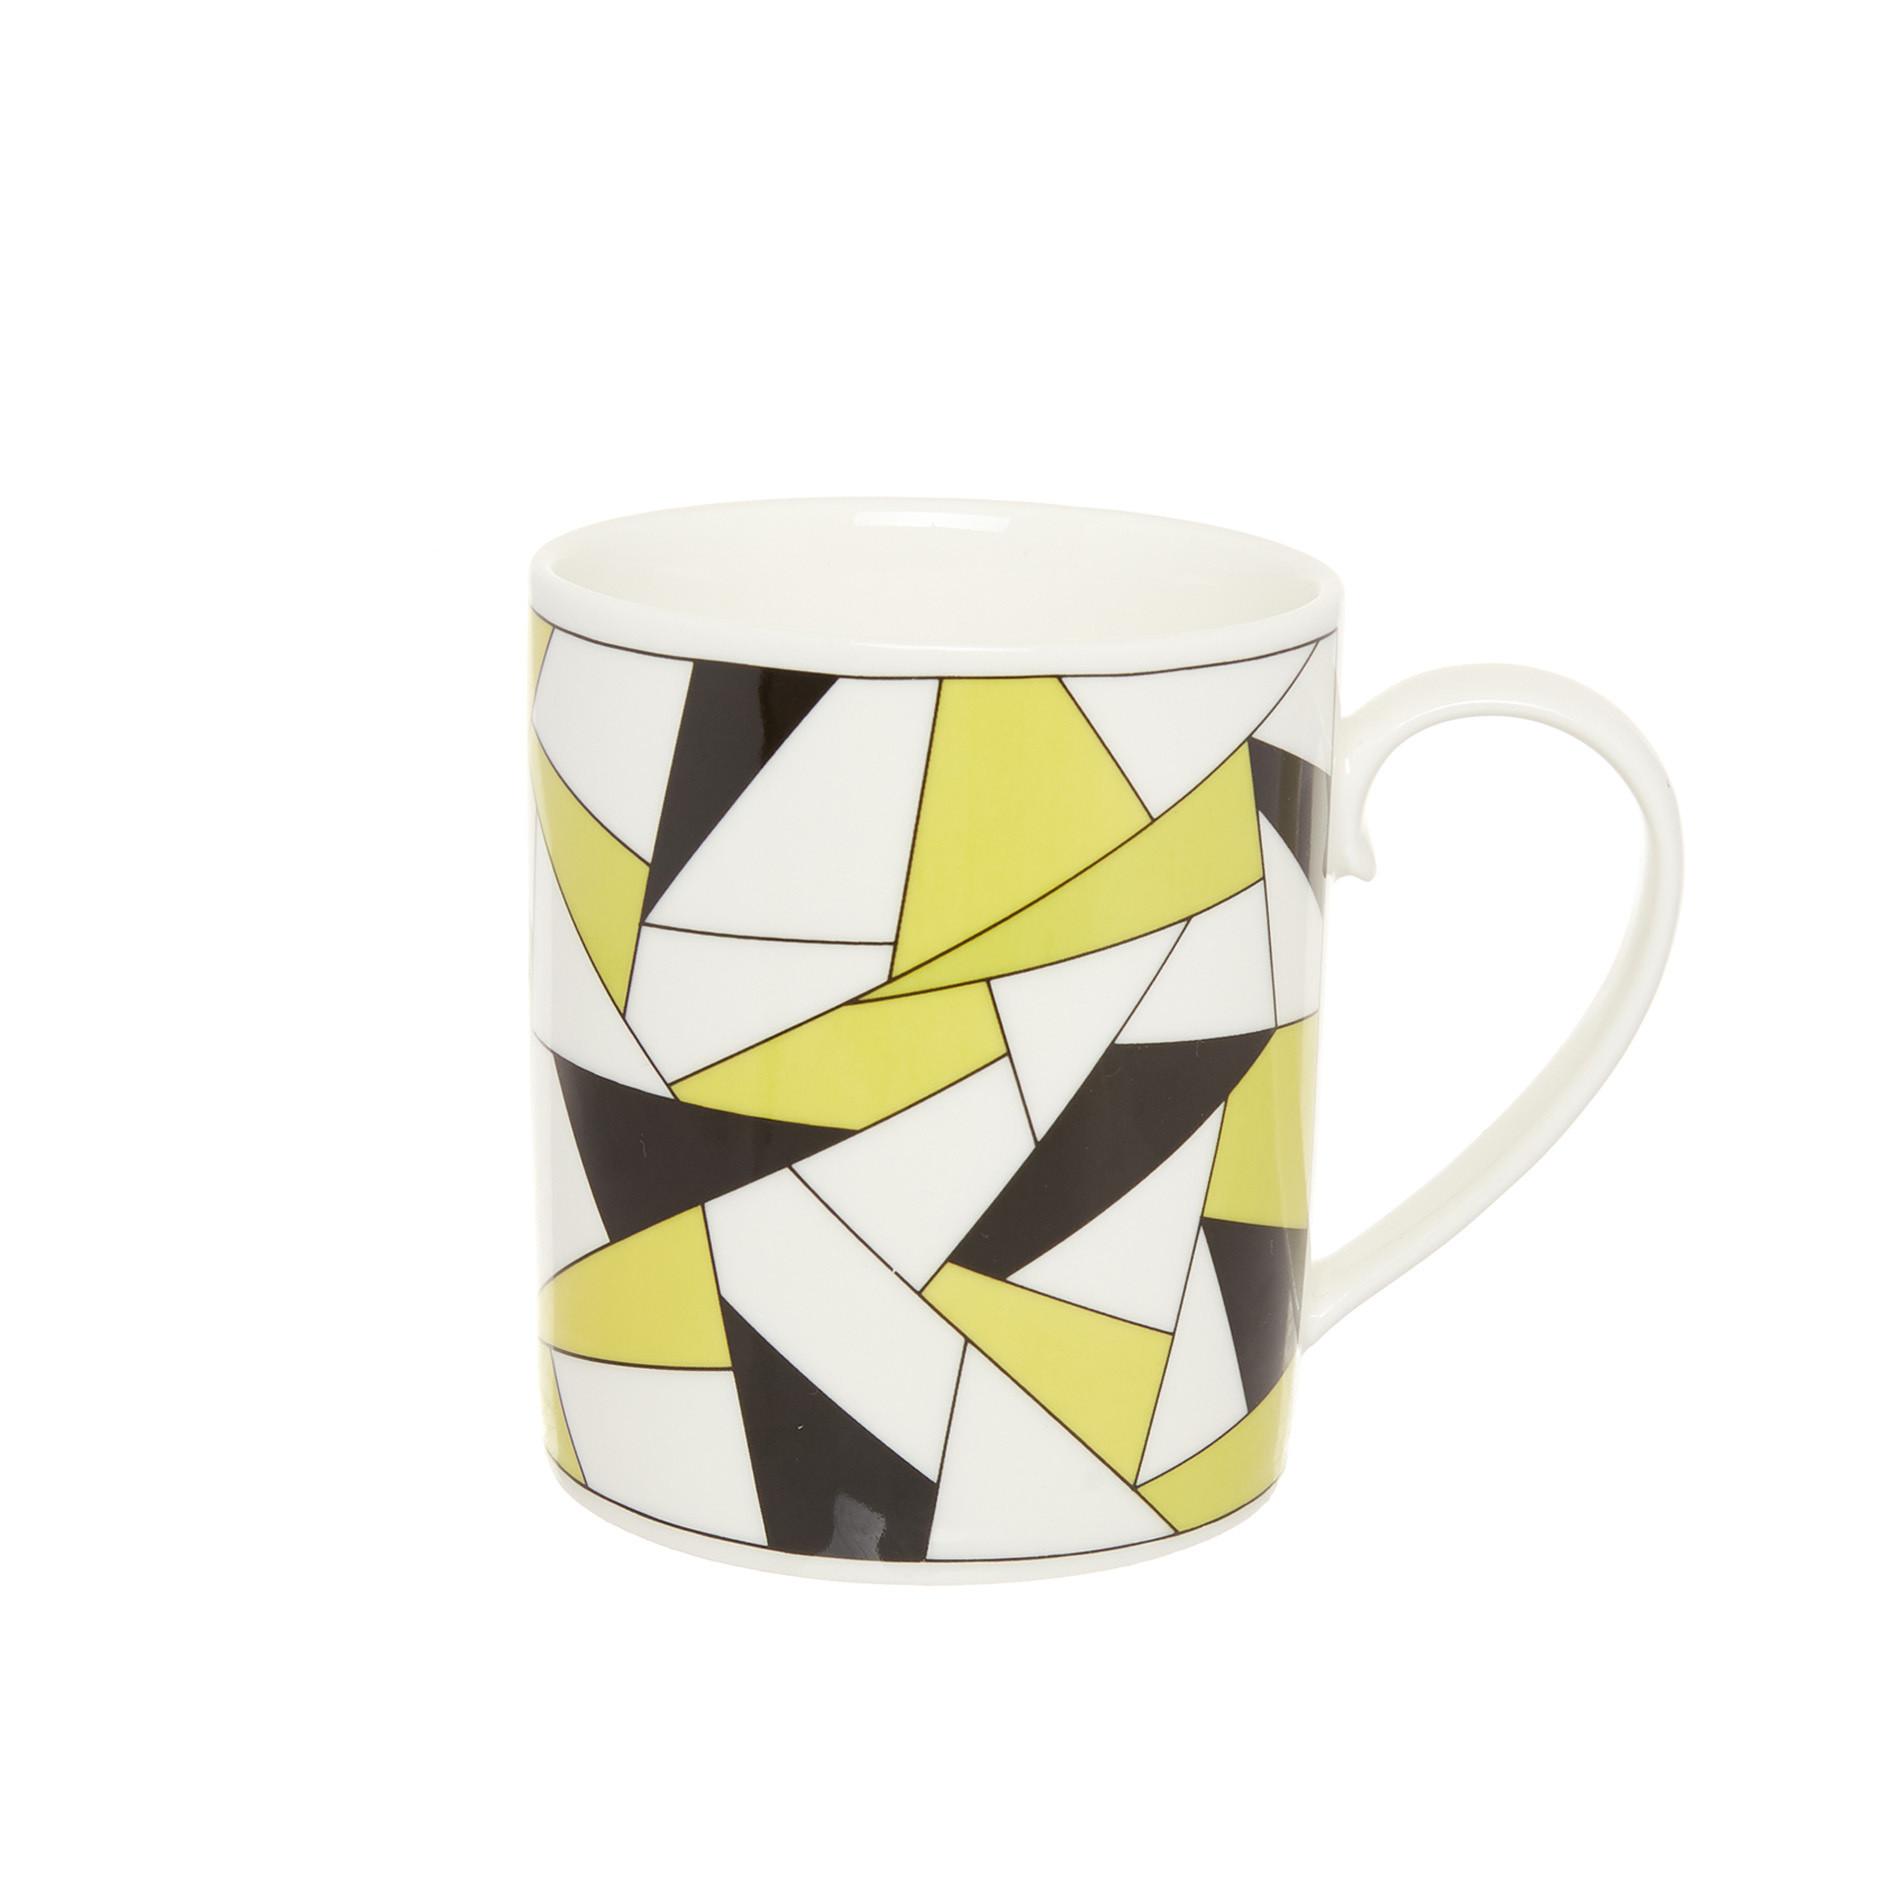 Mug porcellana decoro geometrico, Bianco, large image number 0